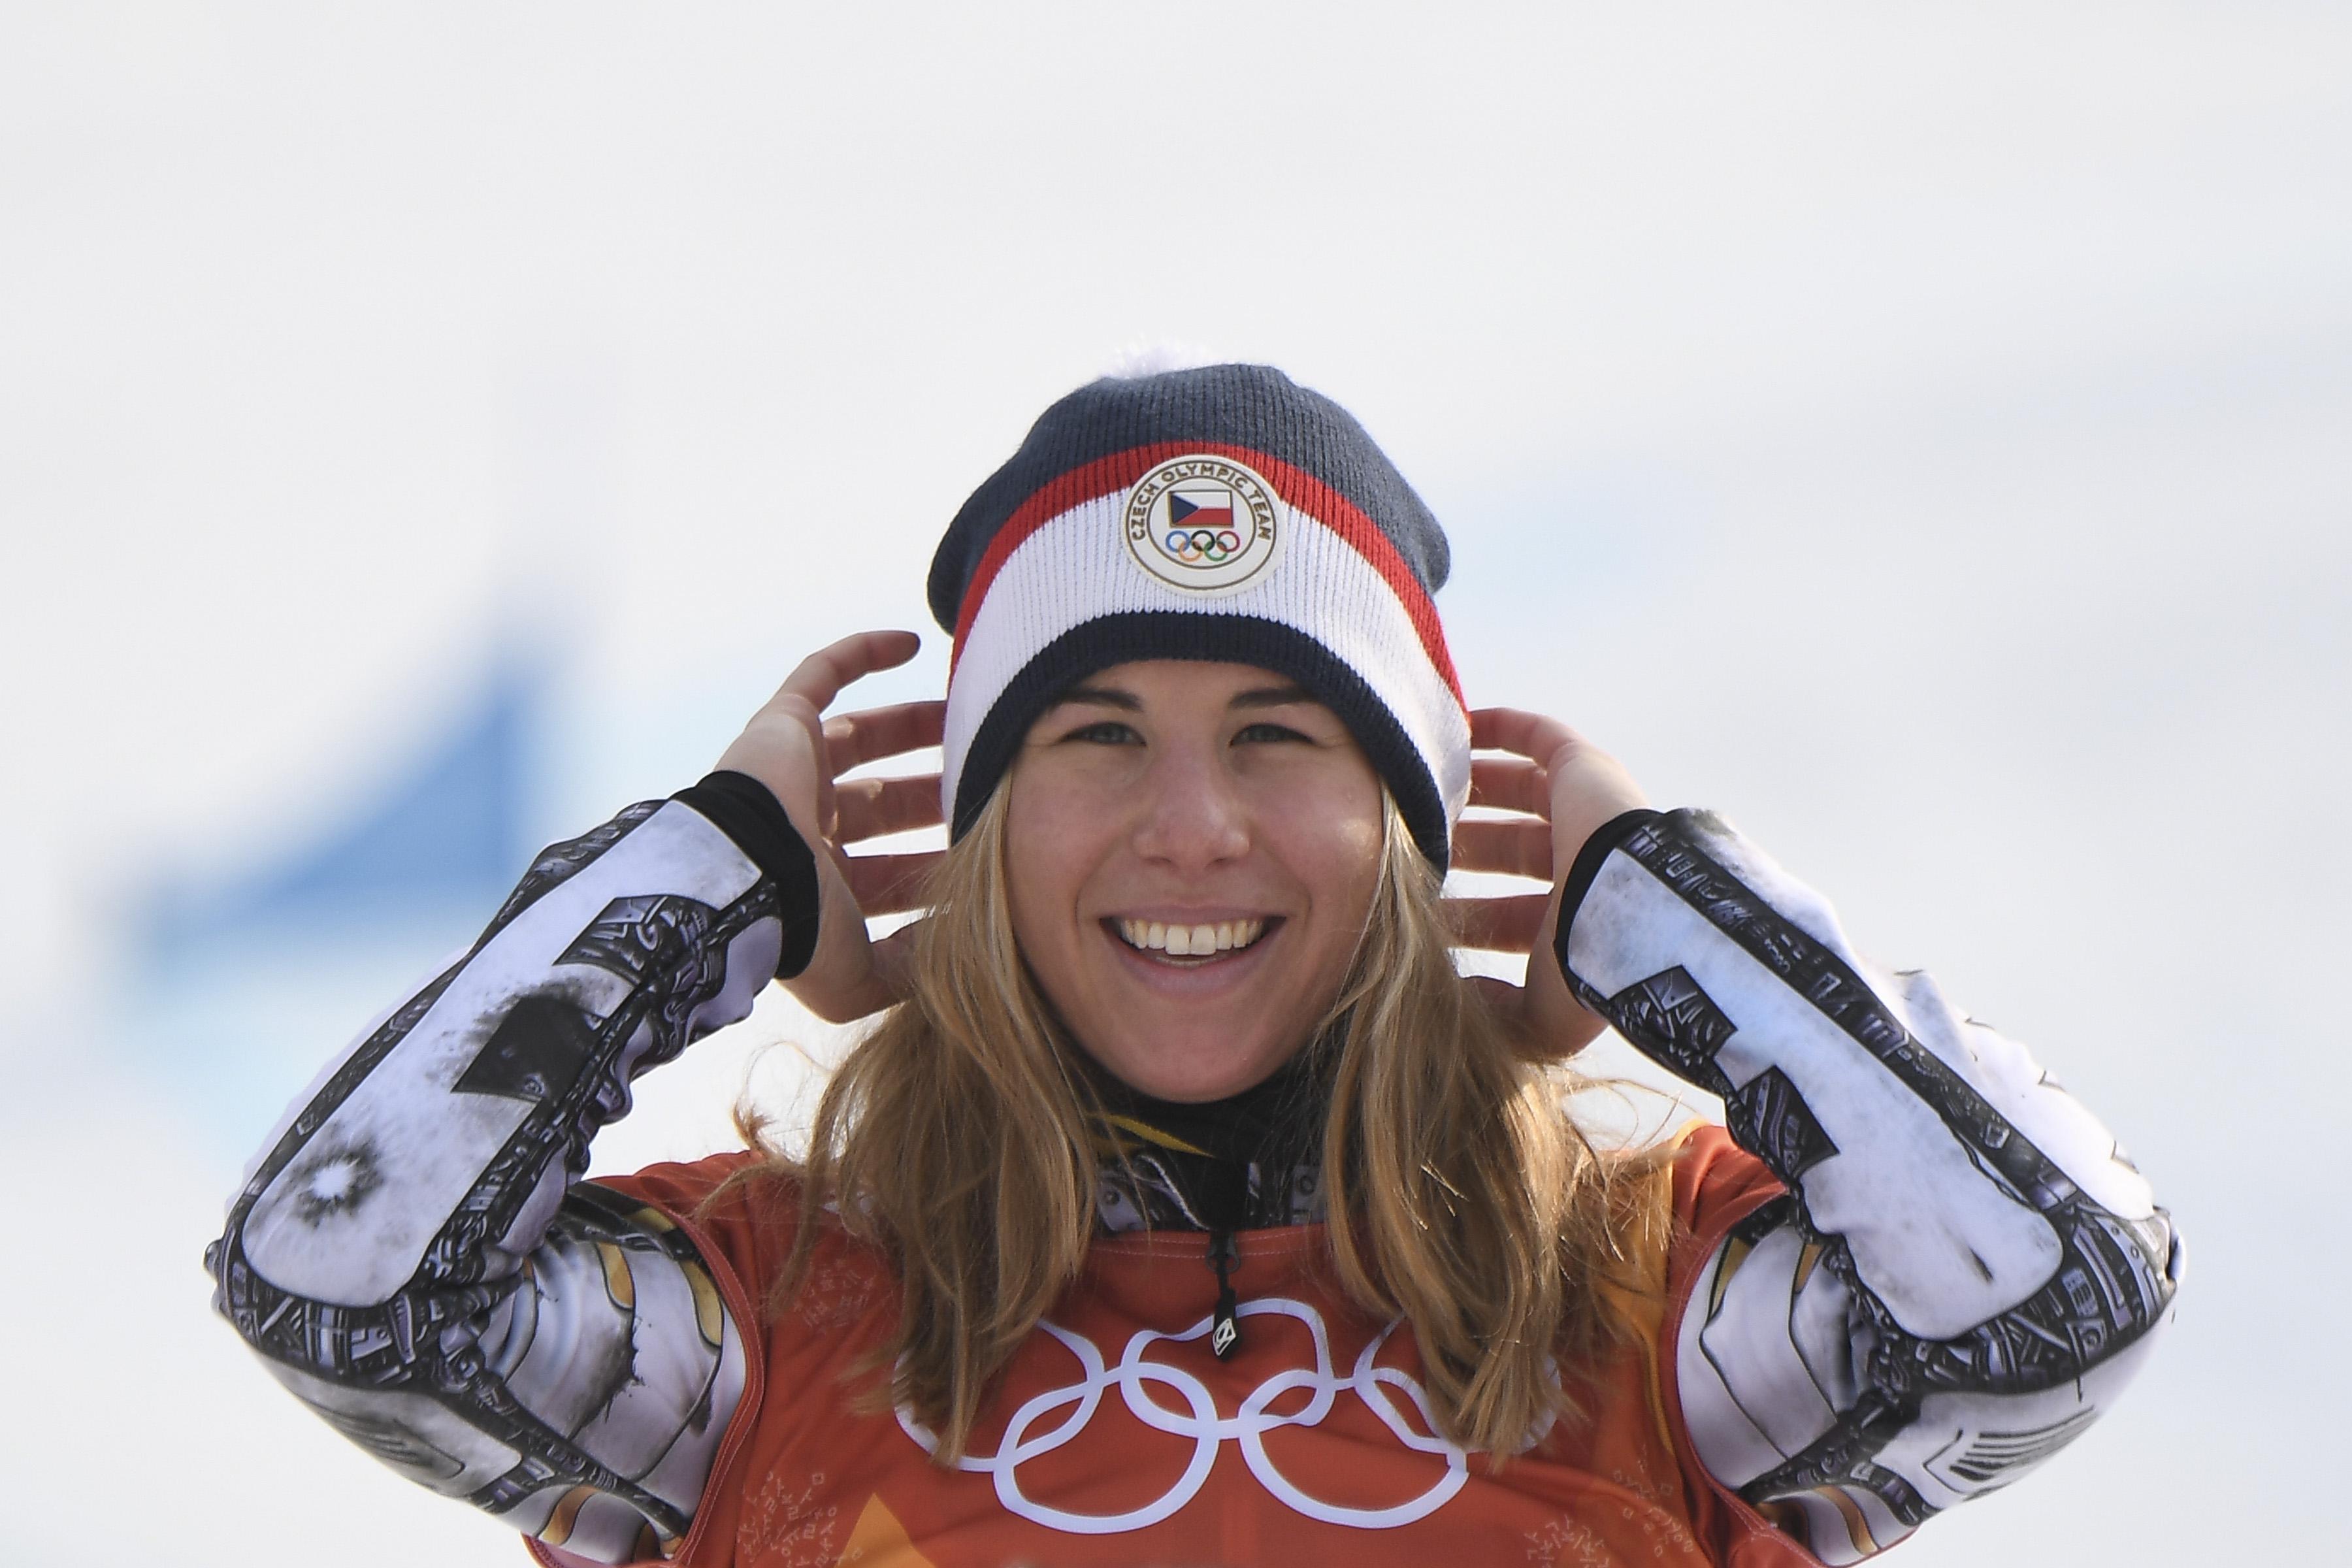 A snowboardos lesiklást is megnyerte a poénból szuperóriás-műlesiklásban is induló, majd azt megnyerő cseh Ester Ledecká